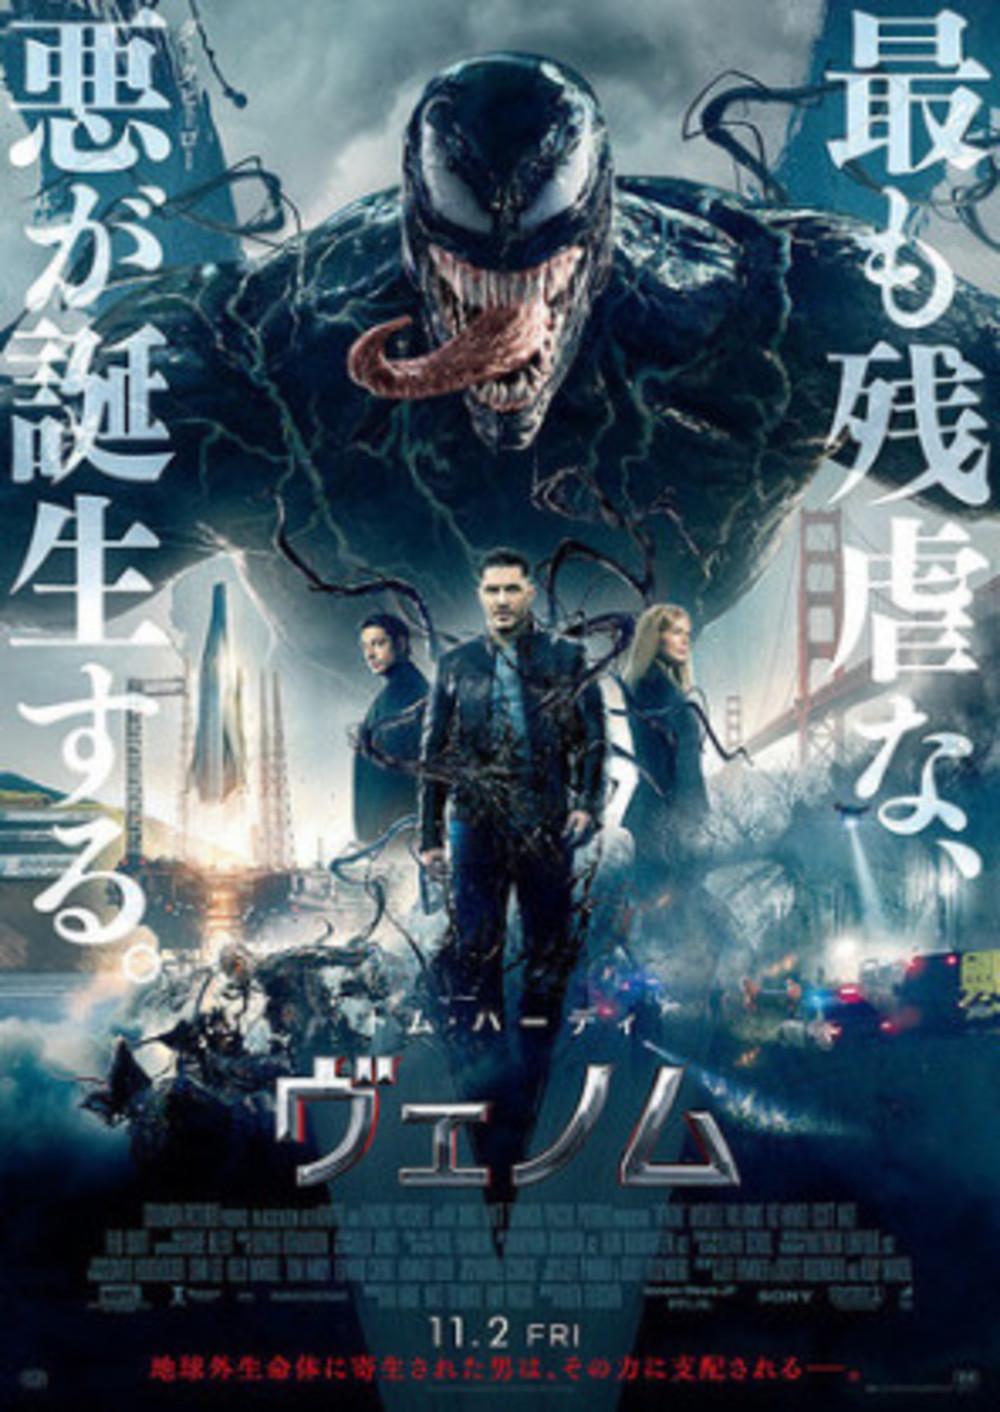 11/3日「ヴェノム」映画鑑賞会@新宿